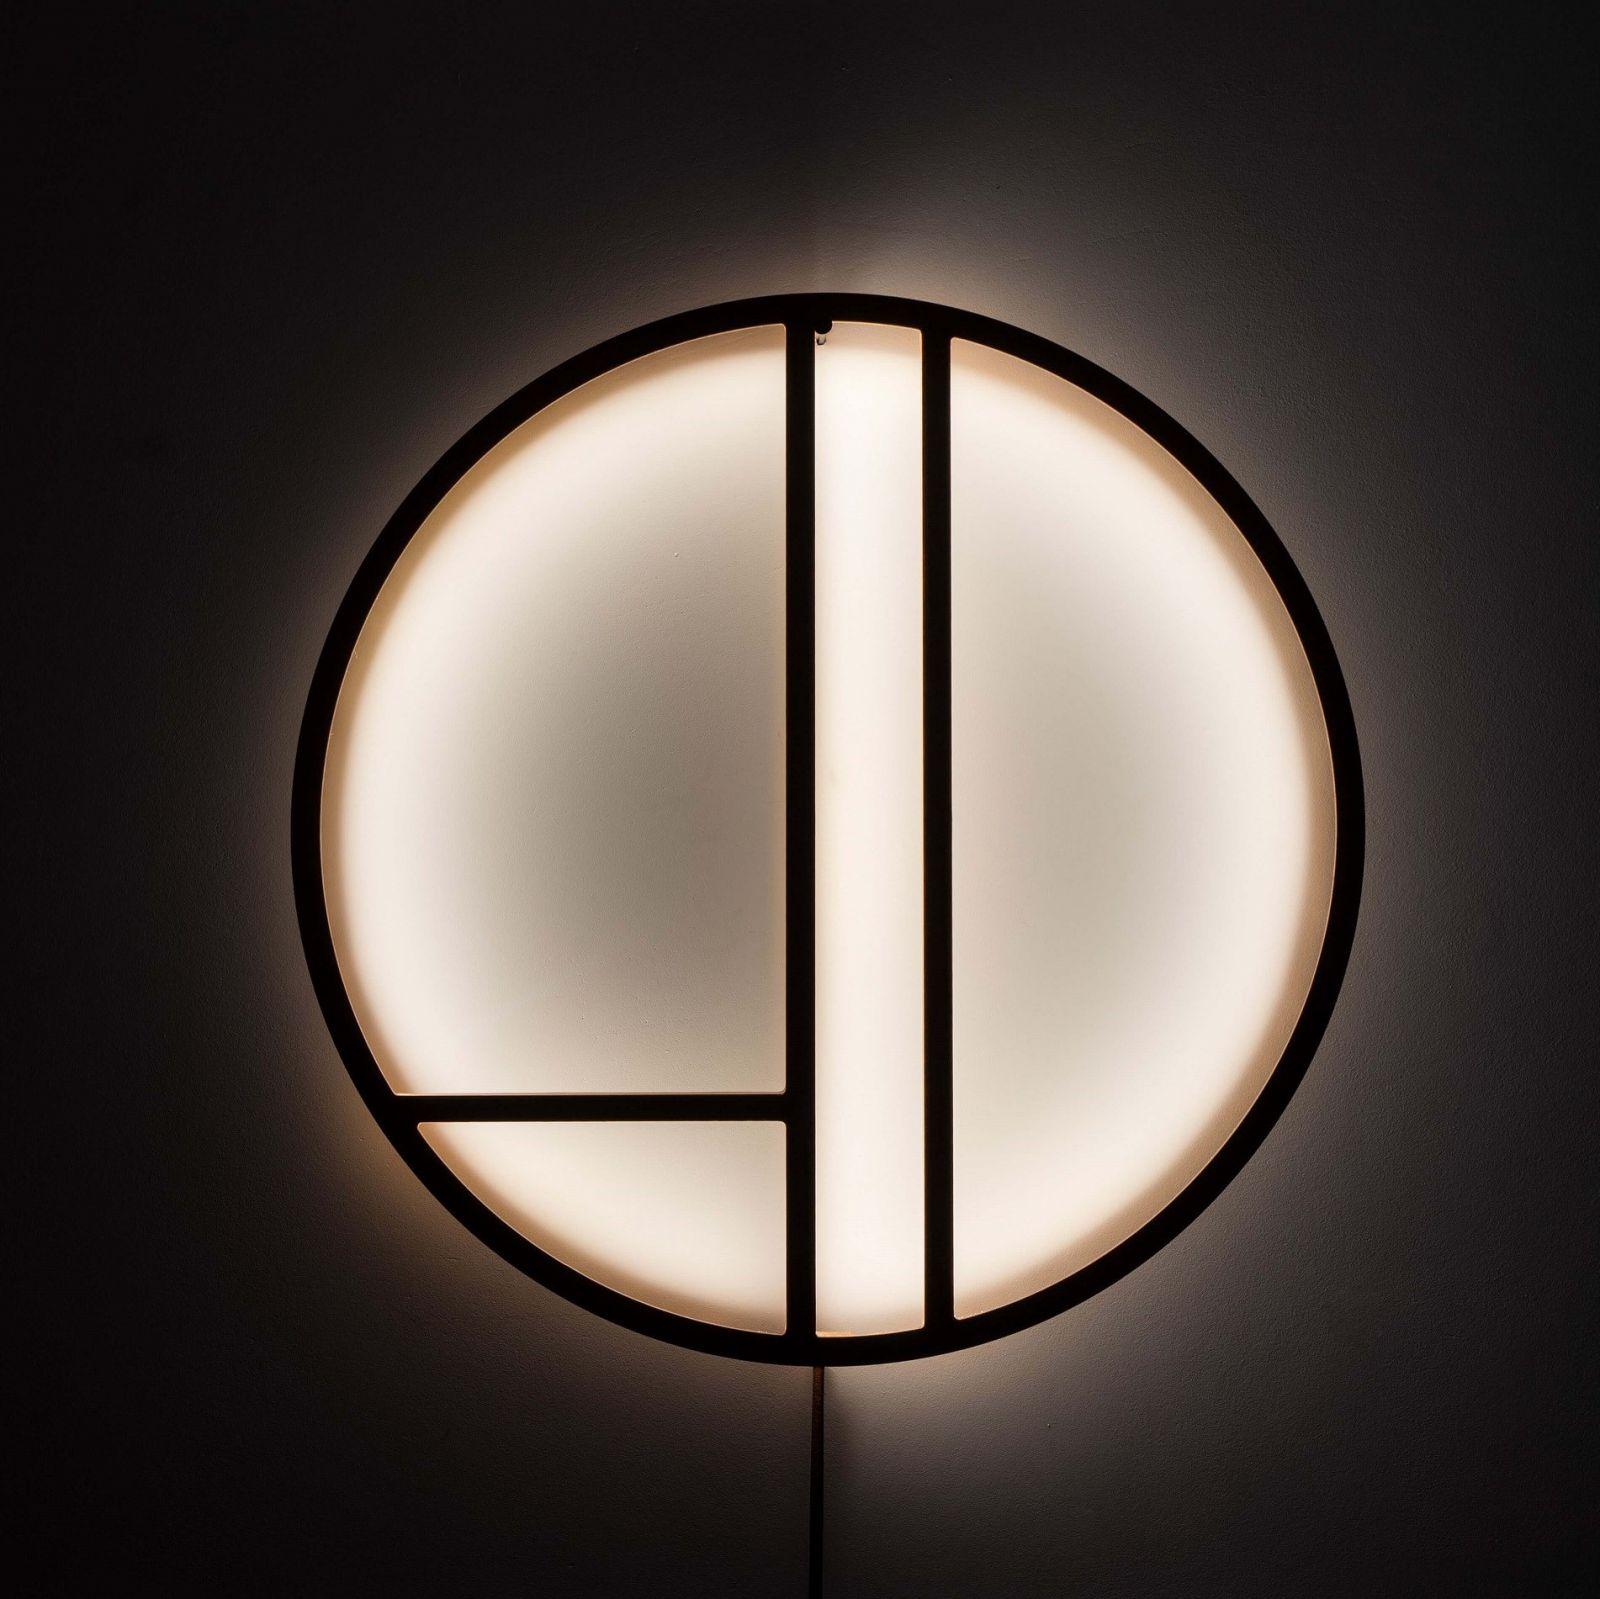 Lampa ścienna Linie-Thła w kolorze brązowym